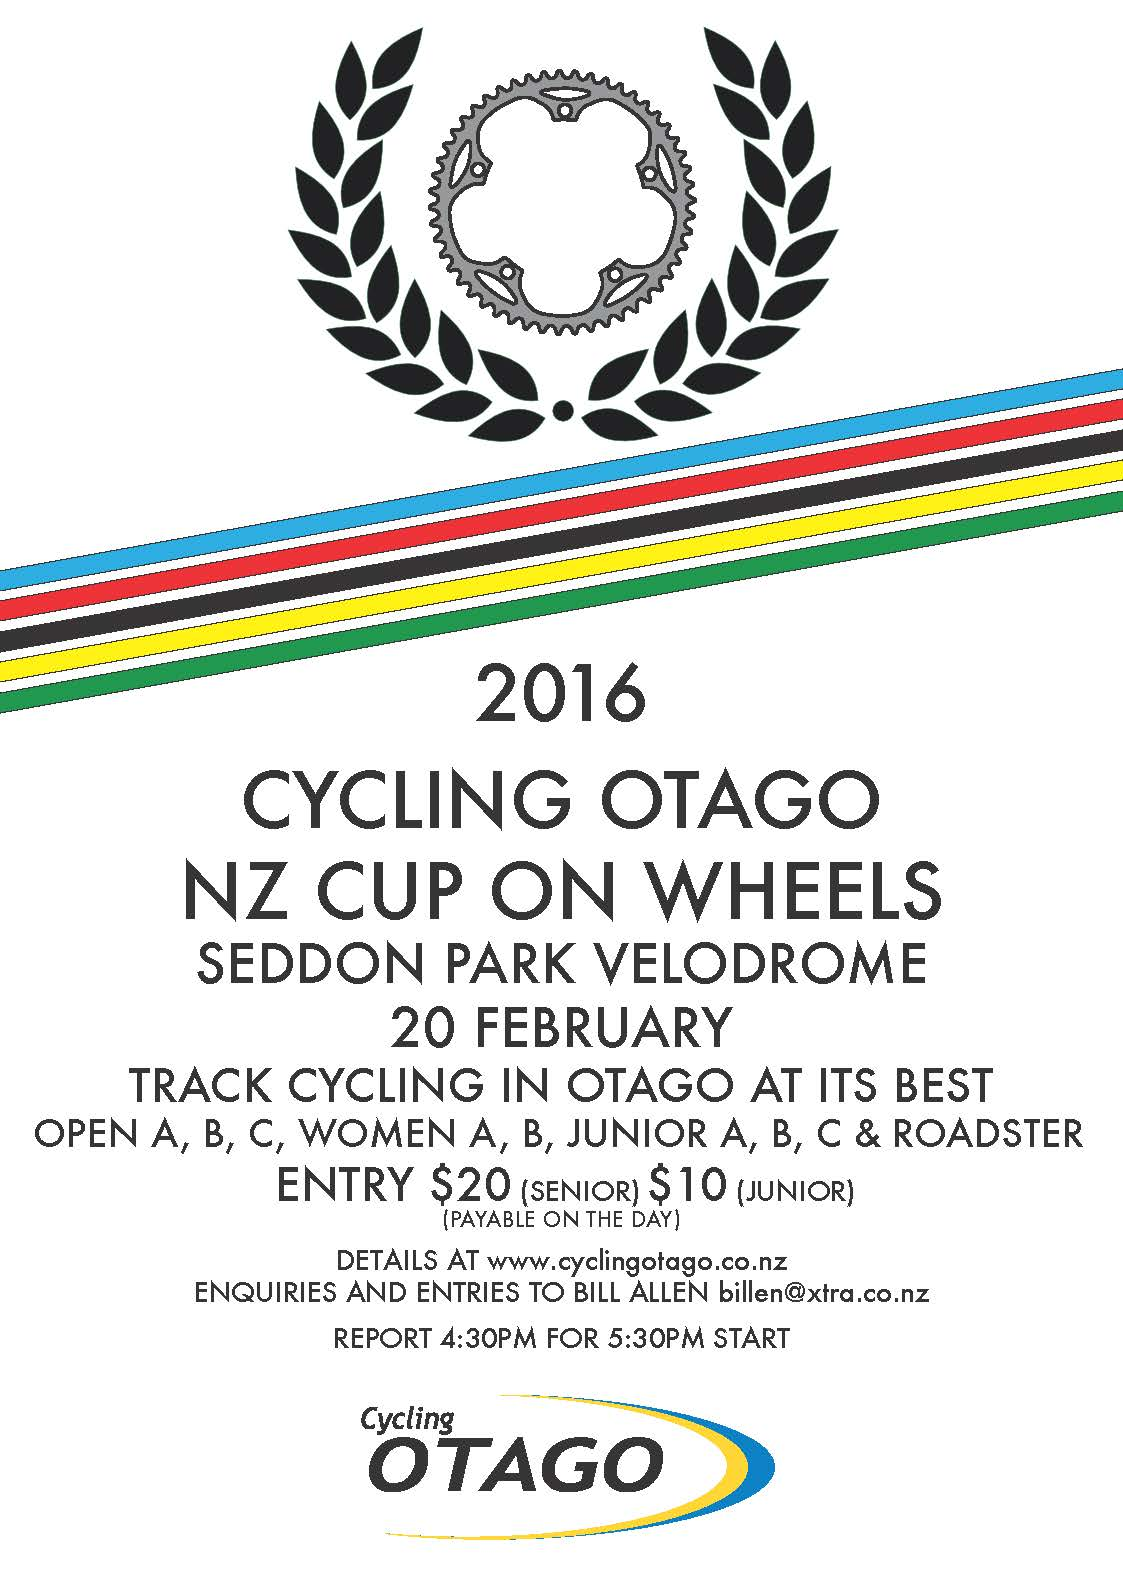 NZCOW 2016_BT_no sponsors